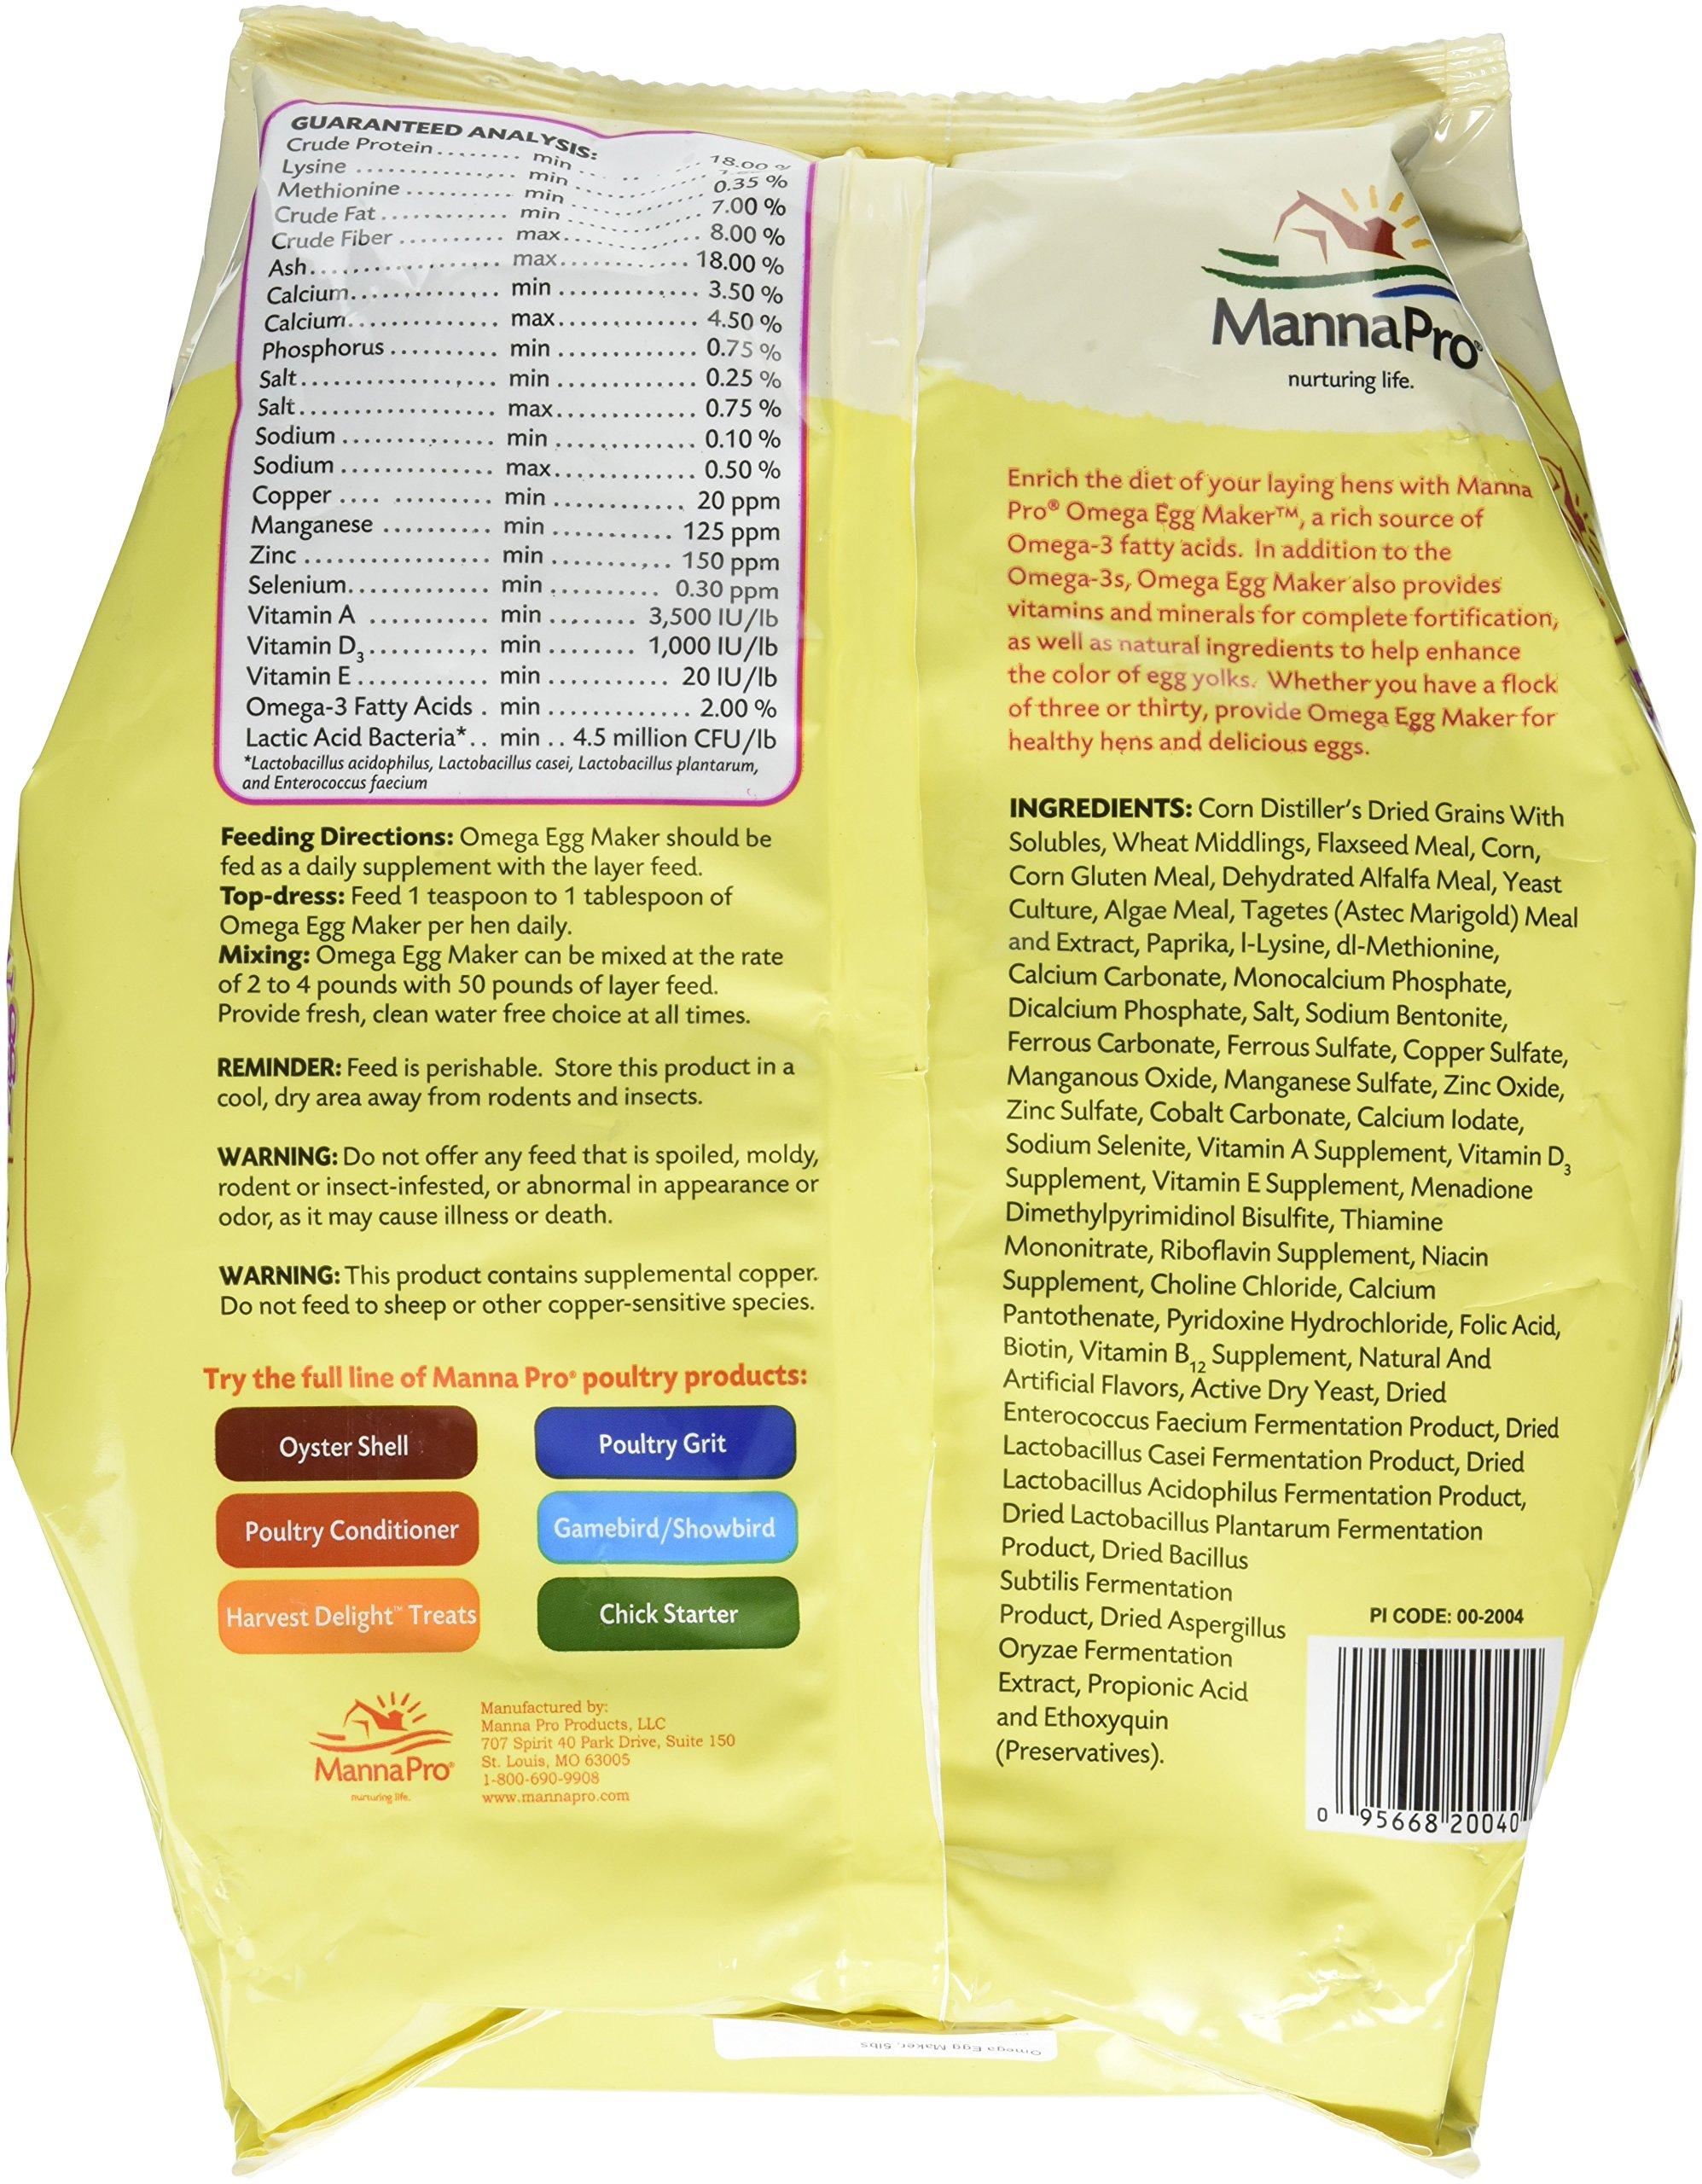 Manna Pro Omega Egg Maker Supplement, 5 lb